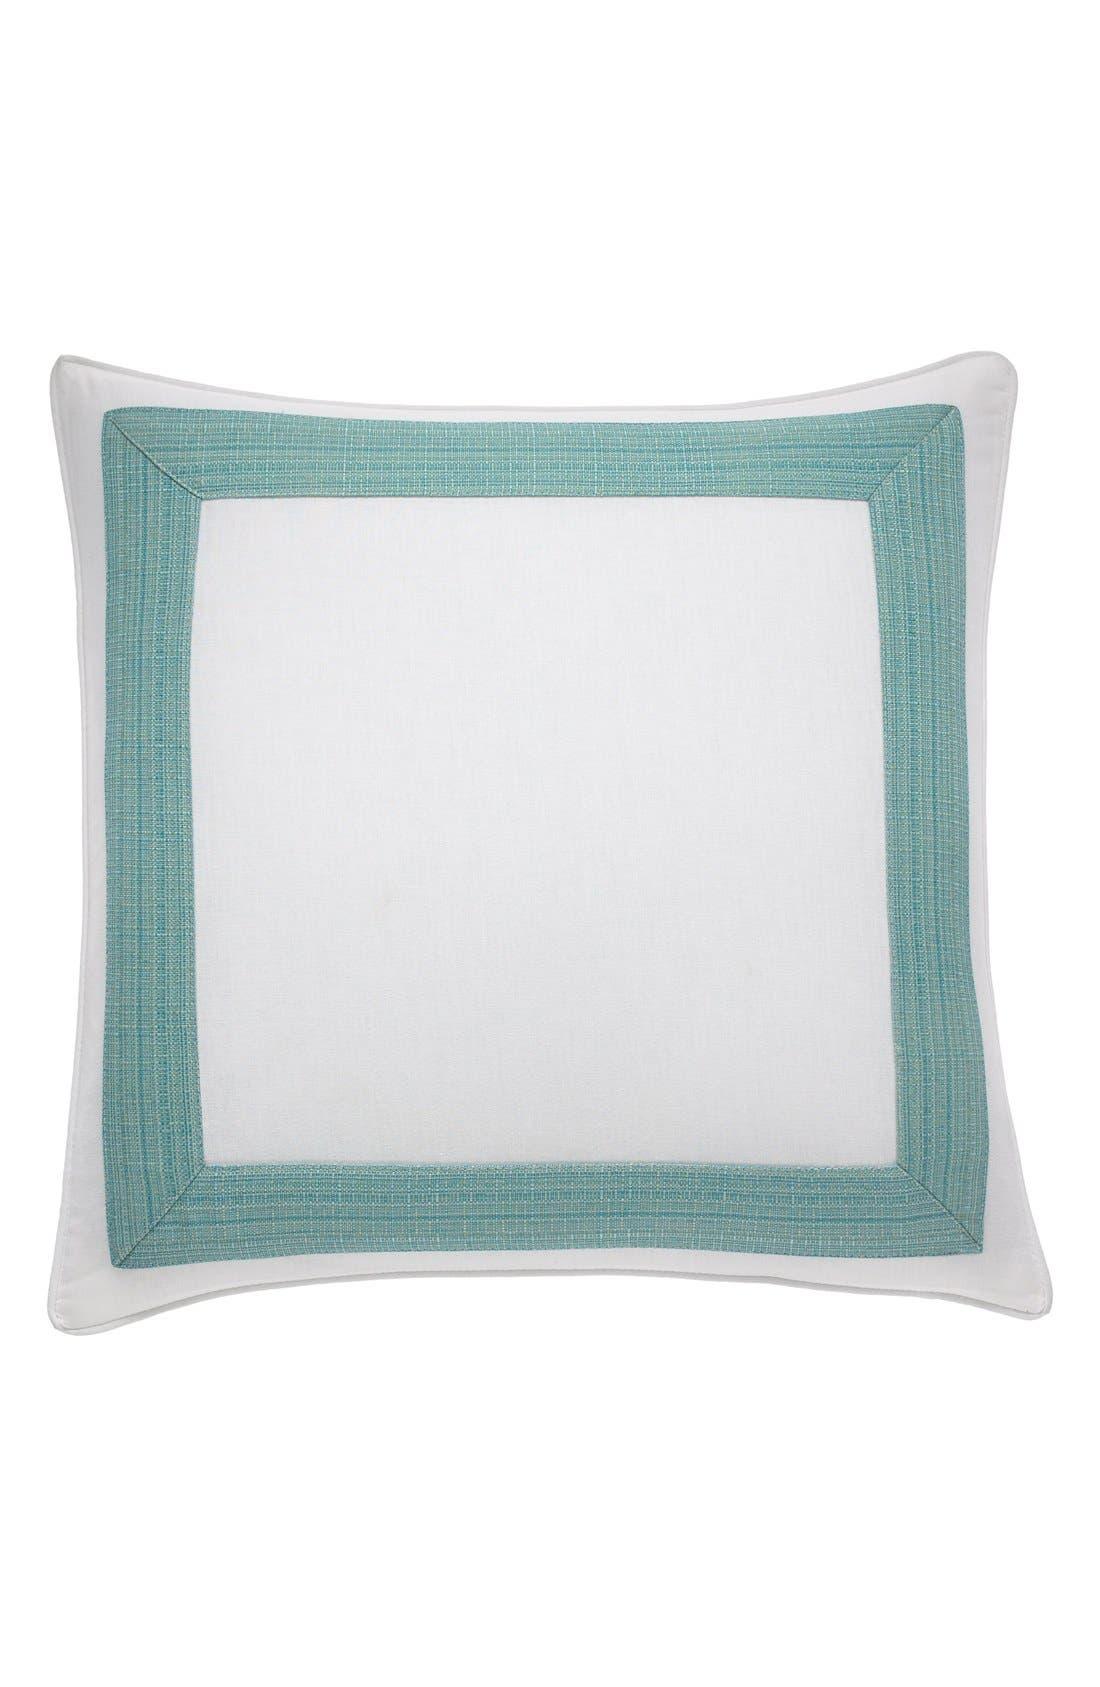 'Seaglass Border' Pillow,                             Main thumbnail 1, color,                             SEAGLASS